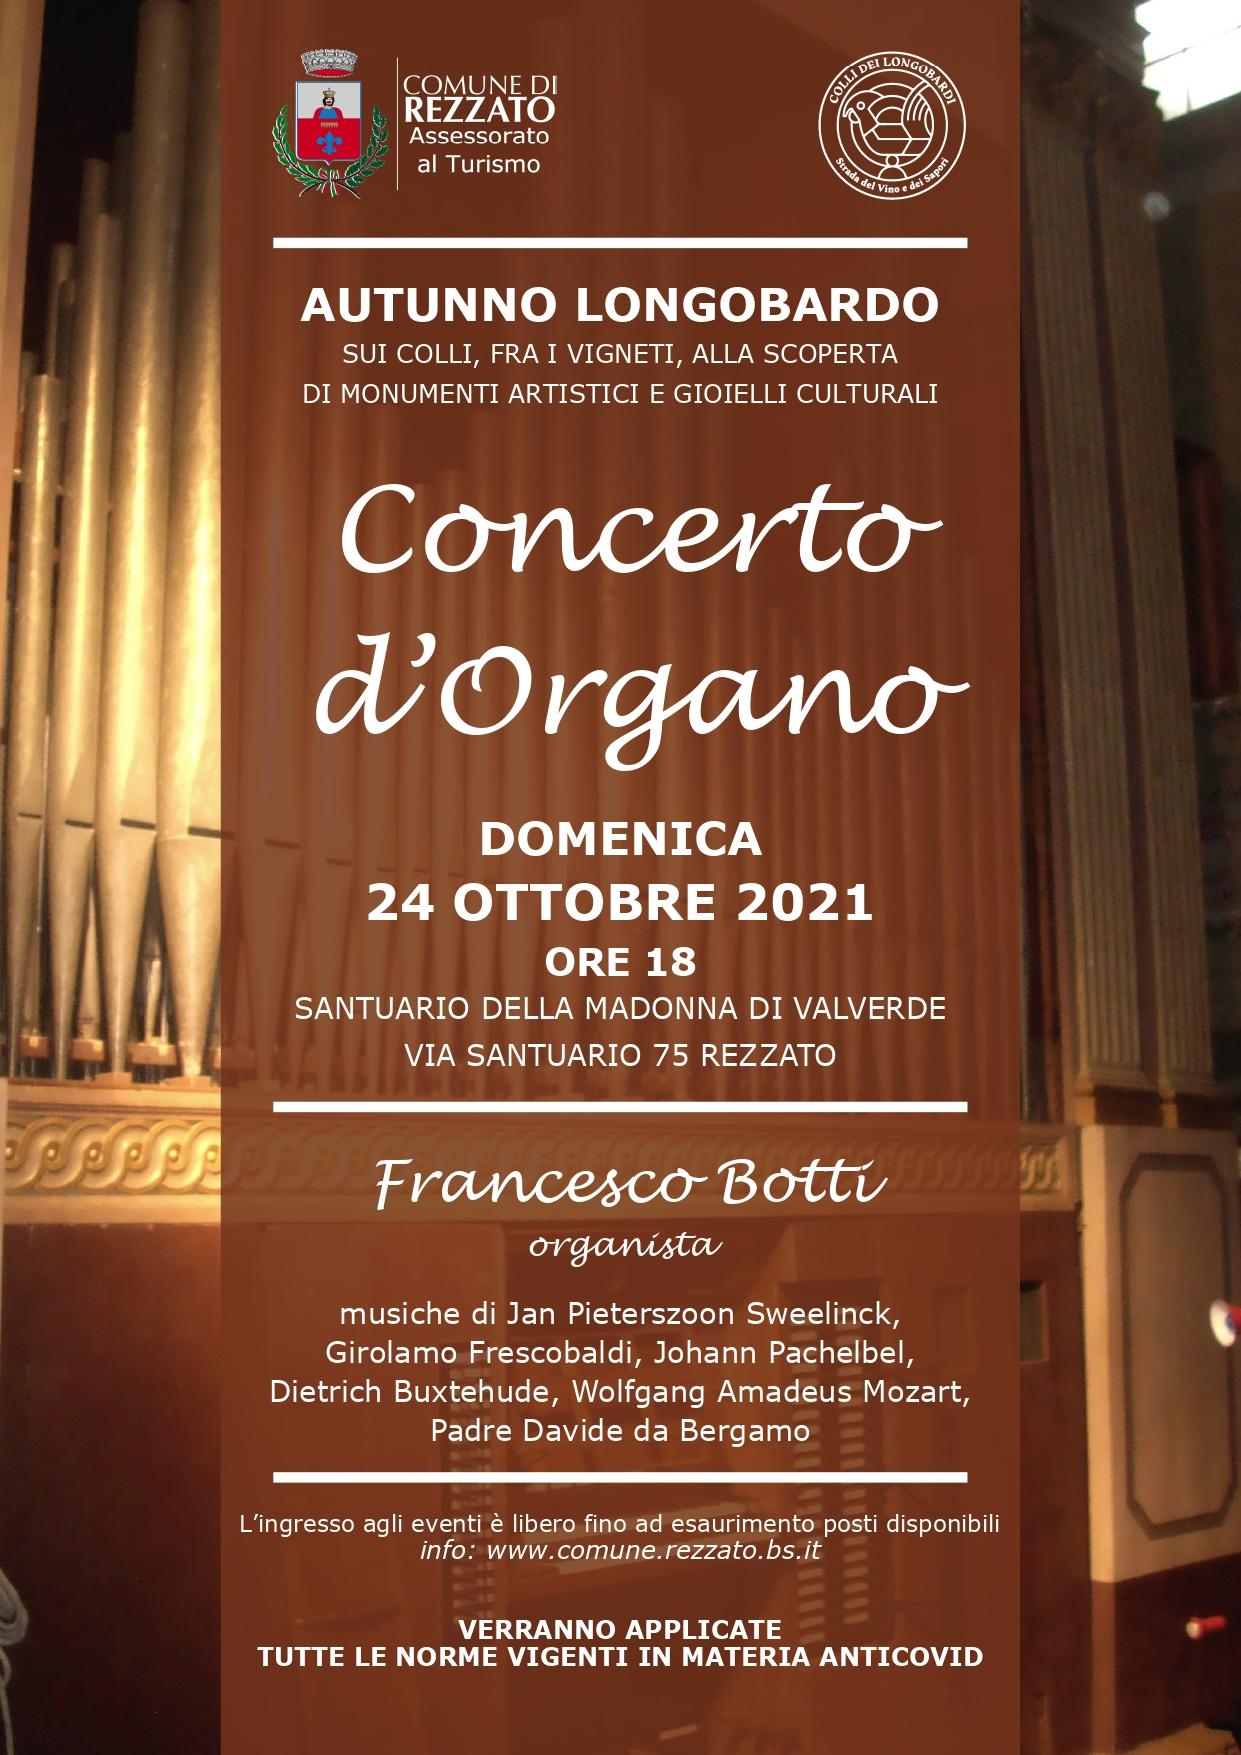 Concerto D\'organo Autunno Longobardo